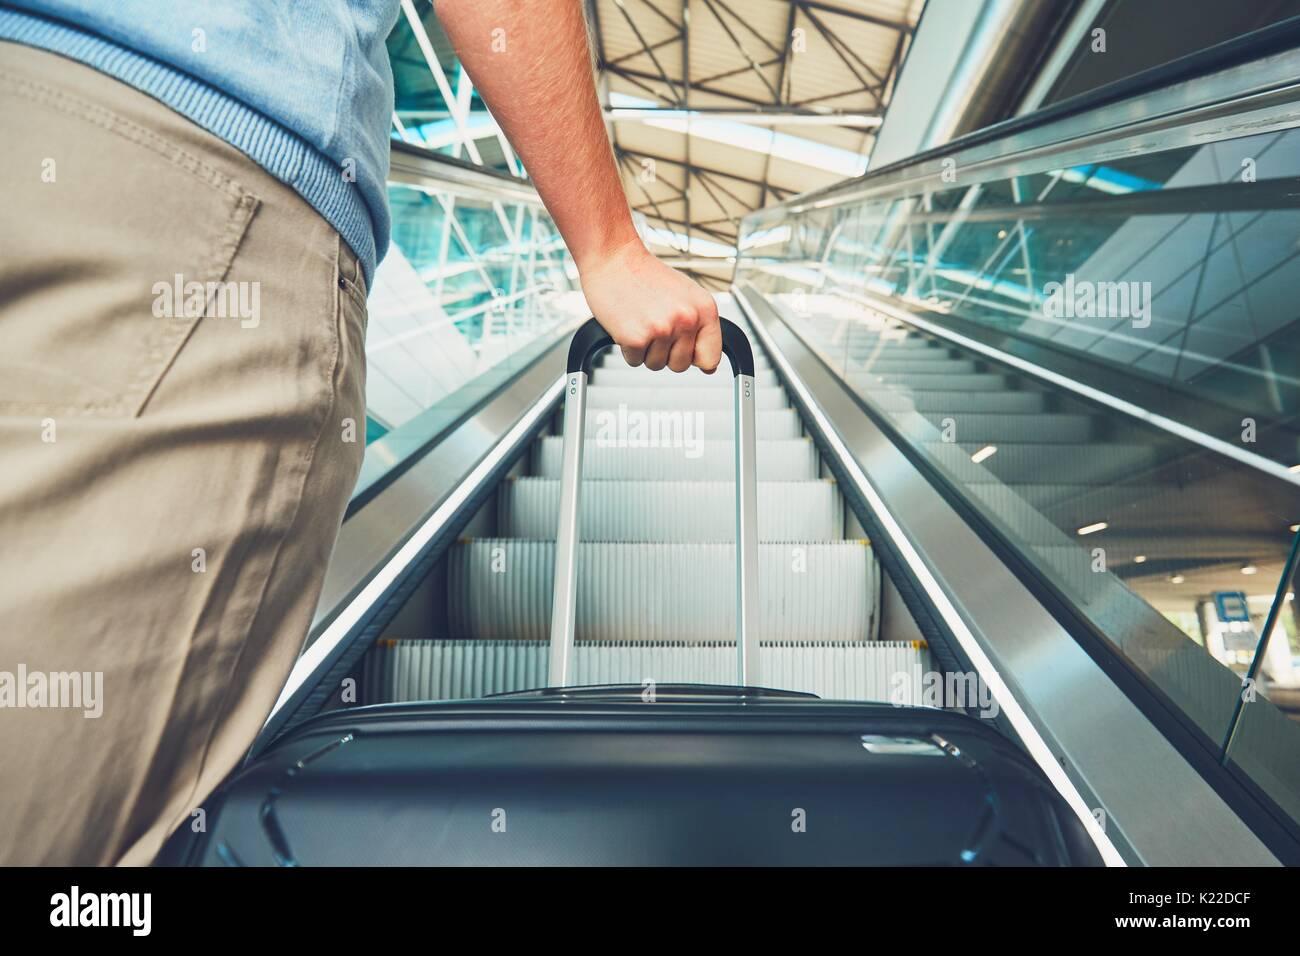 Mann mit dem Flugzeug reisen. Hand des Reisenden mit Gepäck auf der Rolltreppe am Flughafen. Stockbild